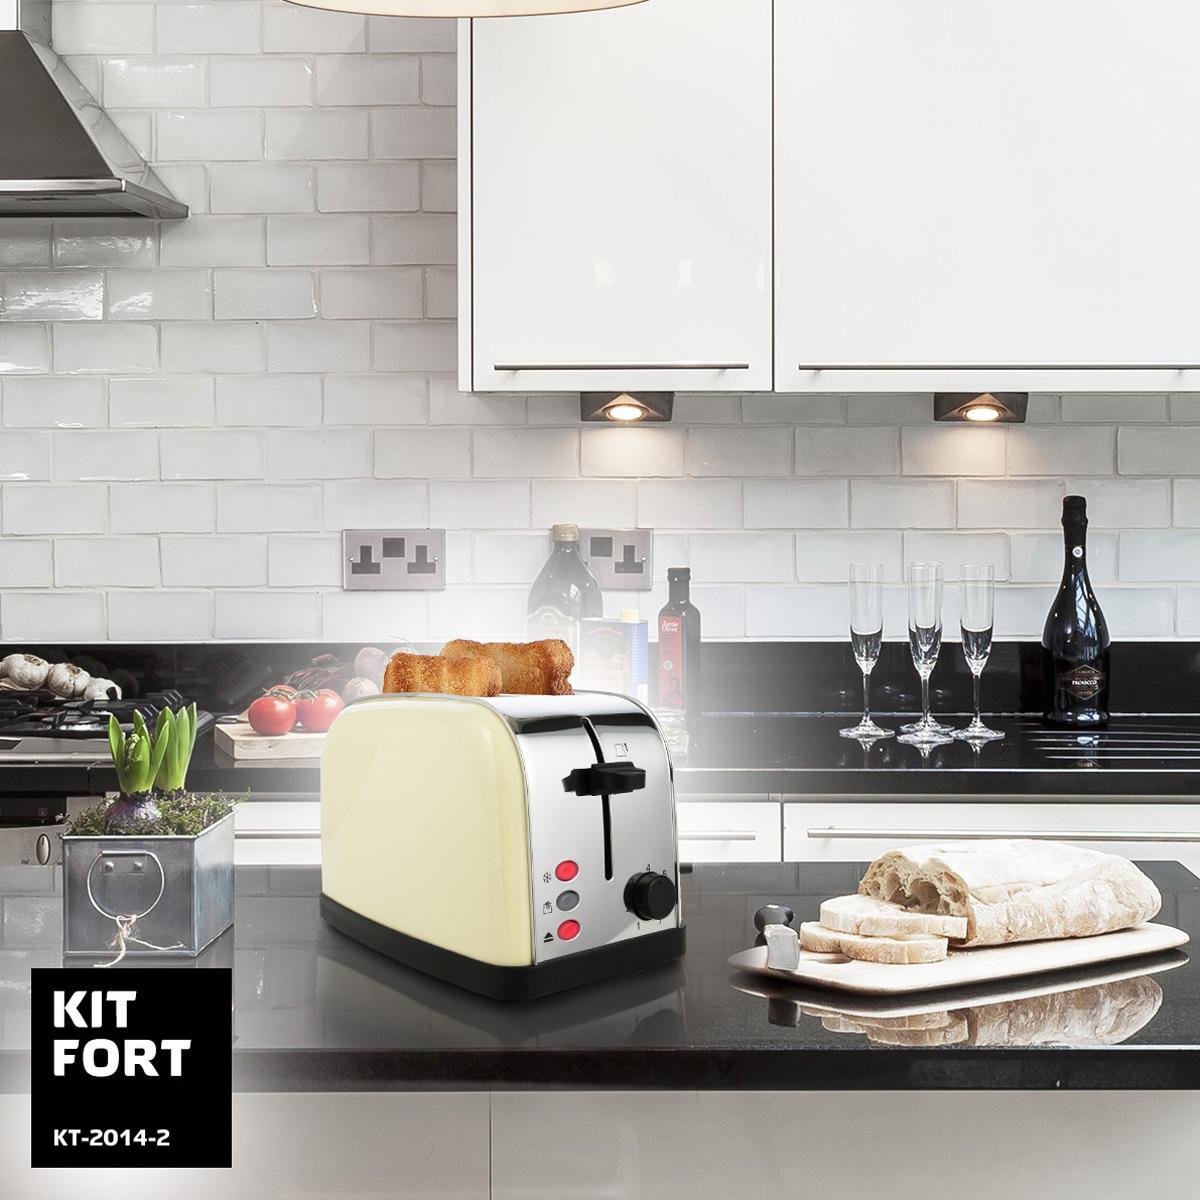 Тостер Kitfort КТ-2014-2, цвет: бежевый Kitfort